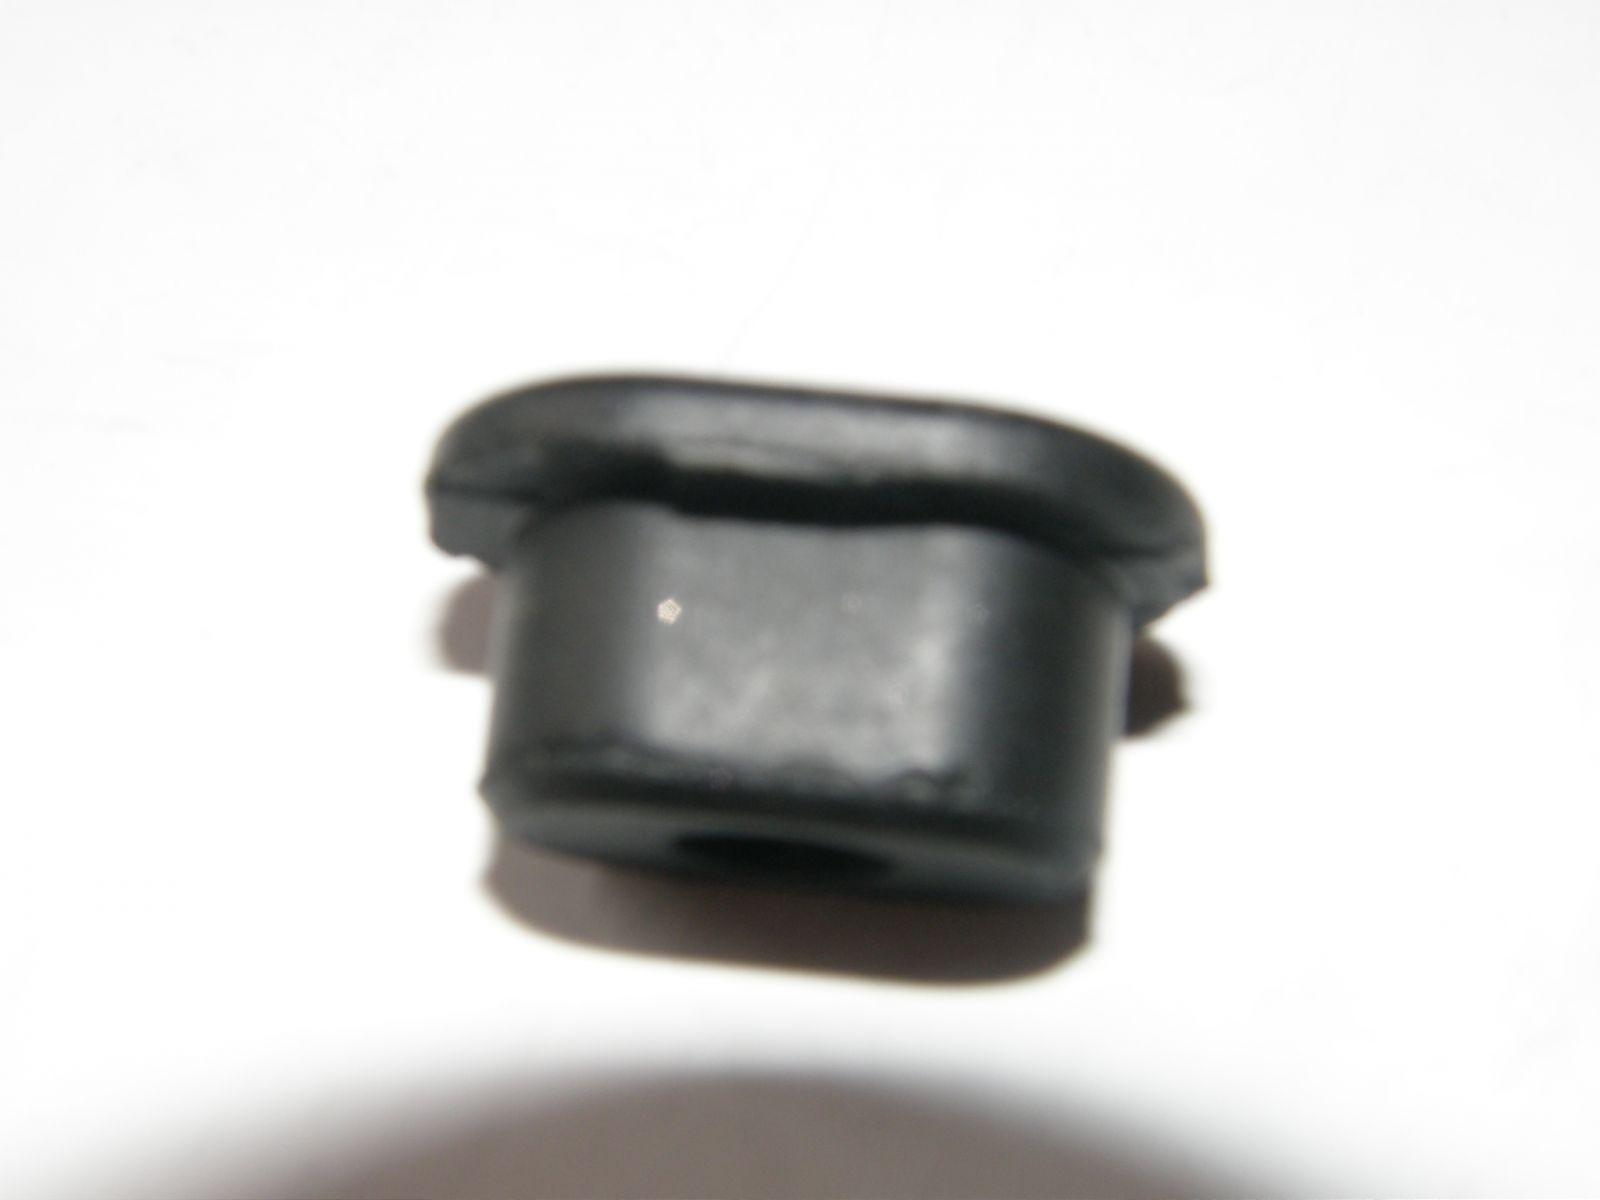 WEBASTO rubber grommets 1319330